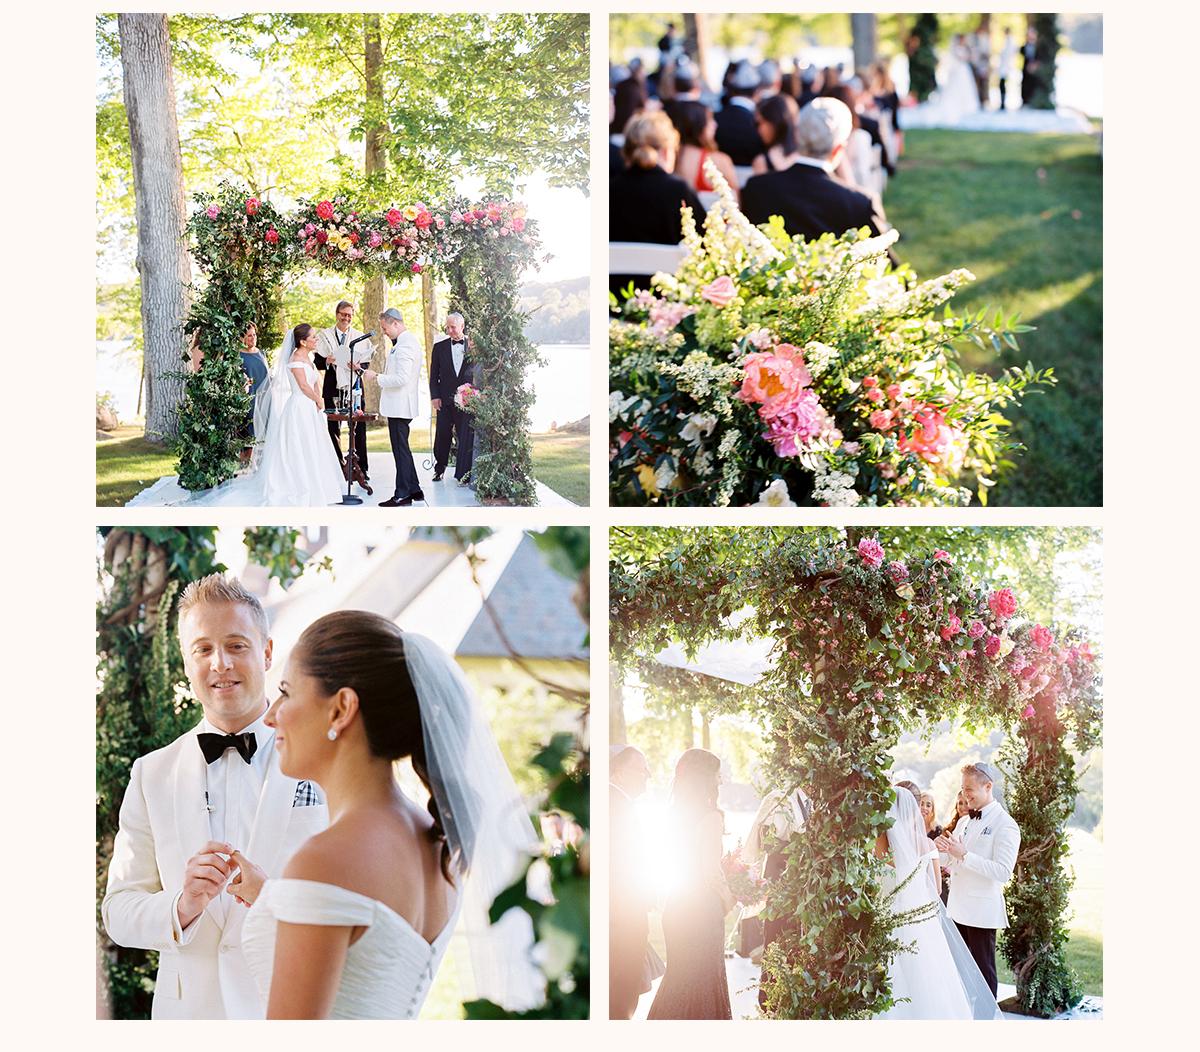 Tuxedo Club Tuxedo Park NY Wedding Photographer 20 - THE TUXEDO CLUB WEDDING - TUXEDO PARK, NY